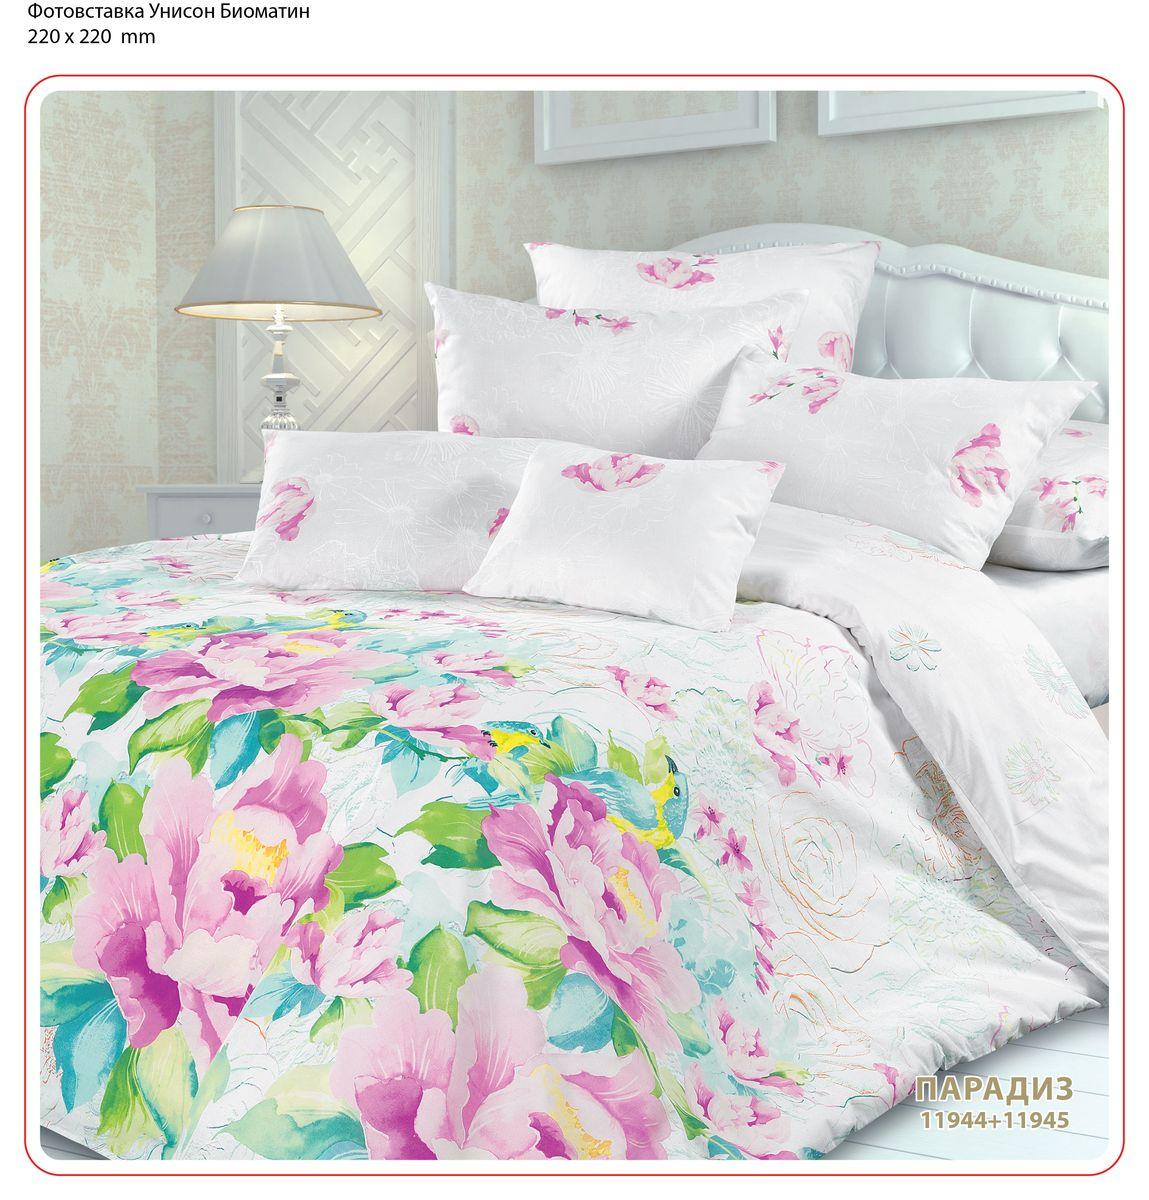 Комплект белья Унисон Парадиз, 1,5 спальное, наволочки 70 x 70, цвет: белый. 297236297236